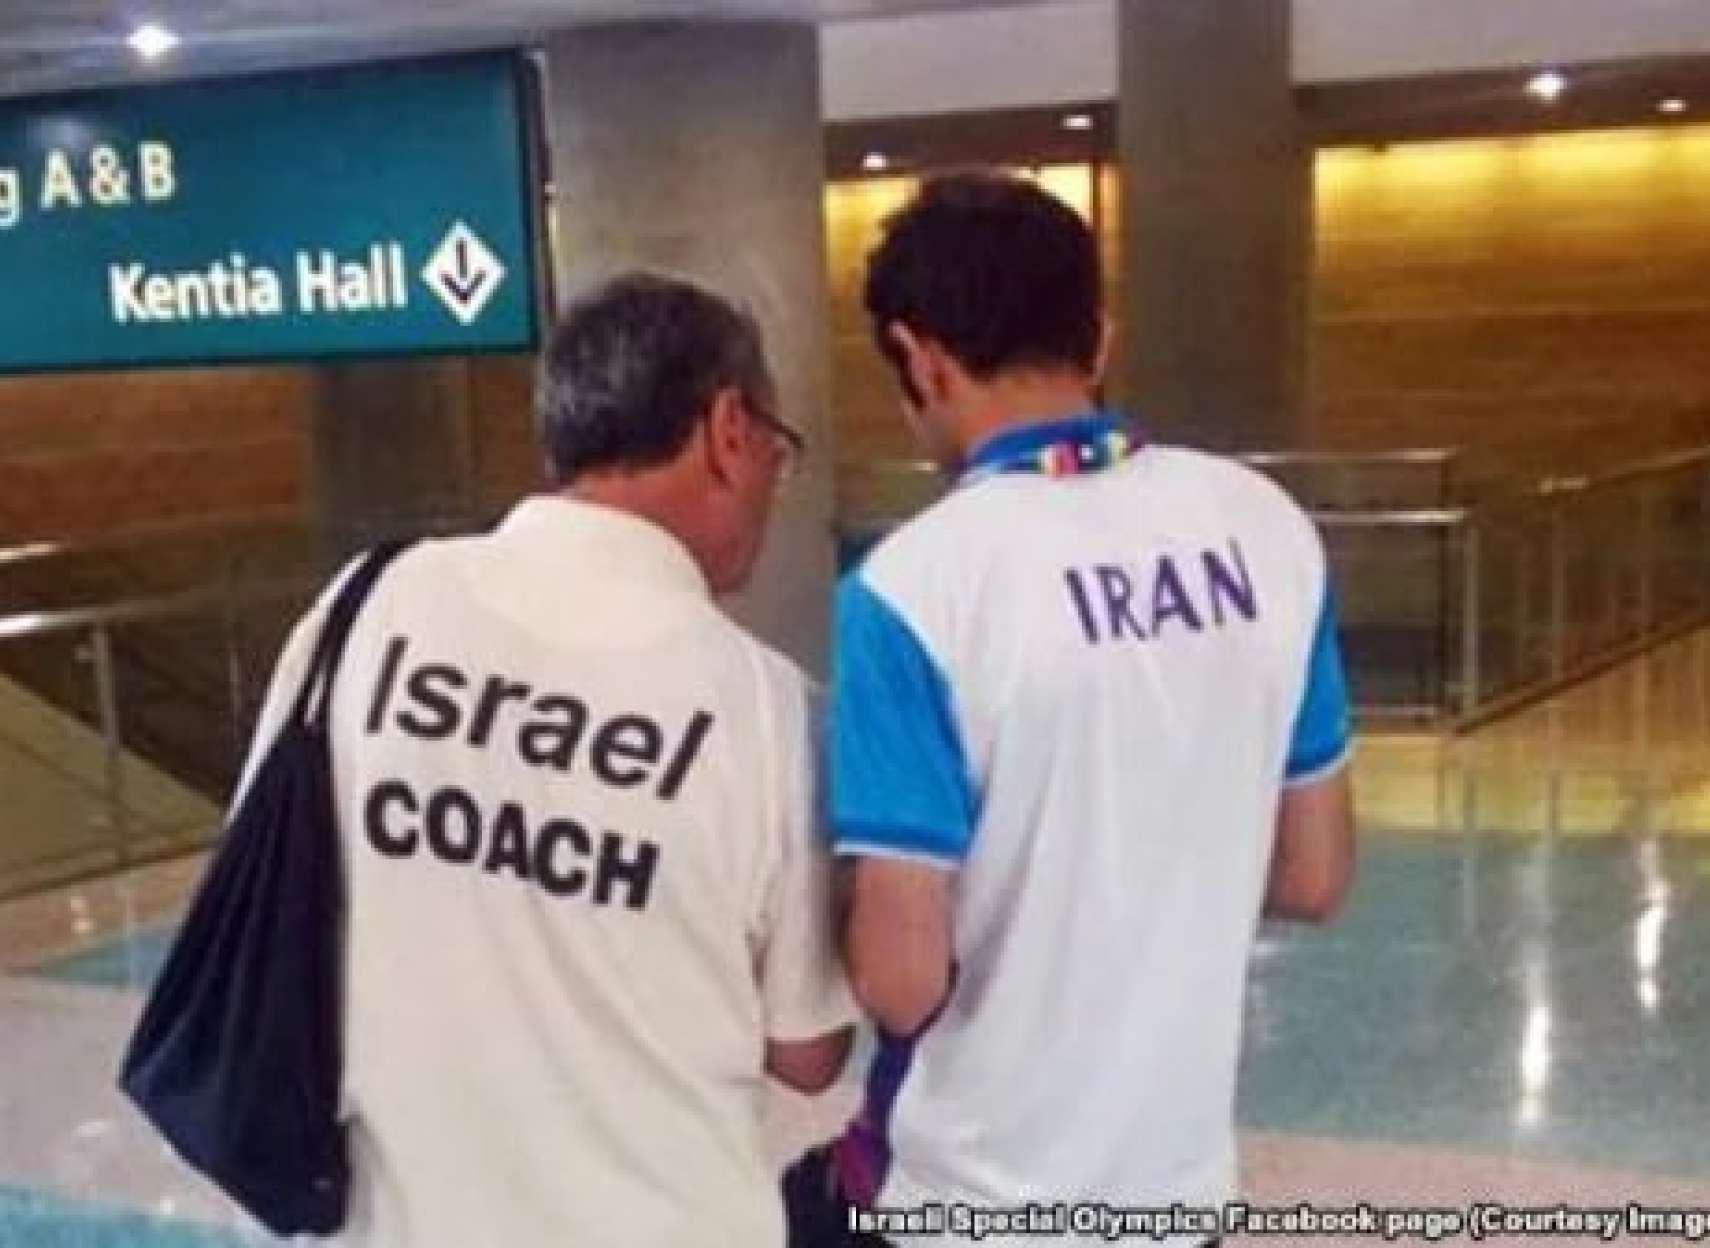 خودکشی-جهانی-ورزش-ایران-به-نفع-ساقط-شدن-تکلیف-از-دوش-رهبری